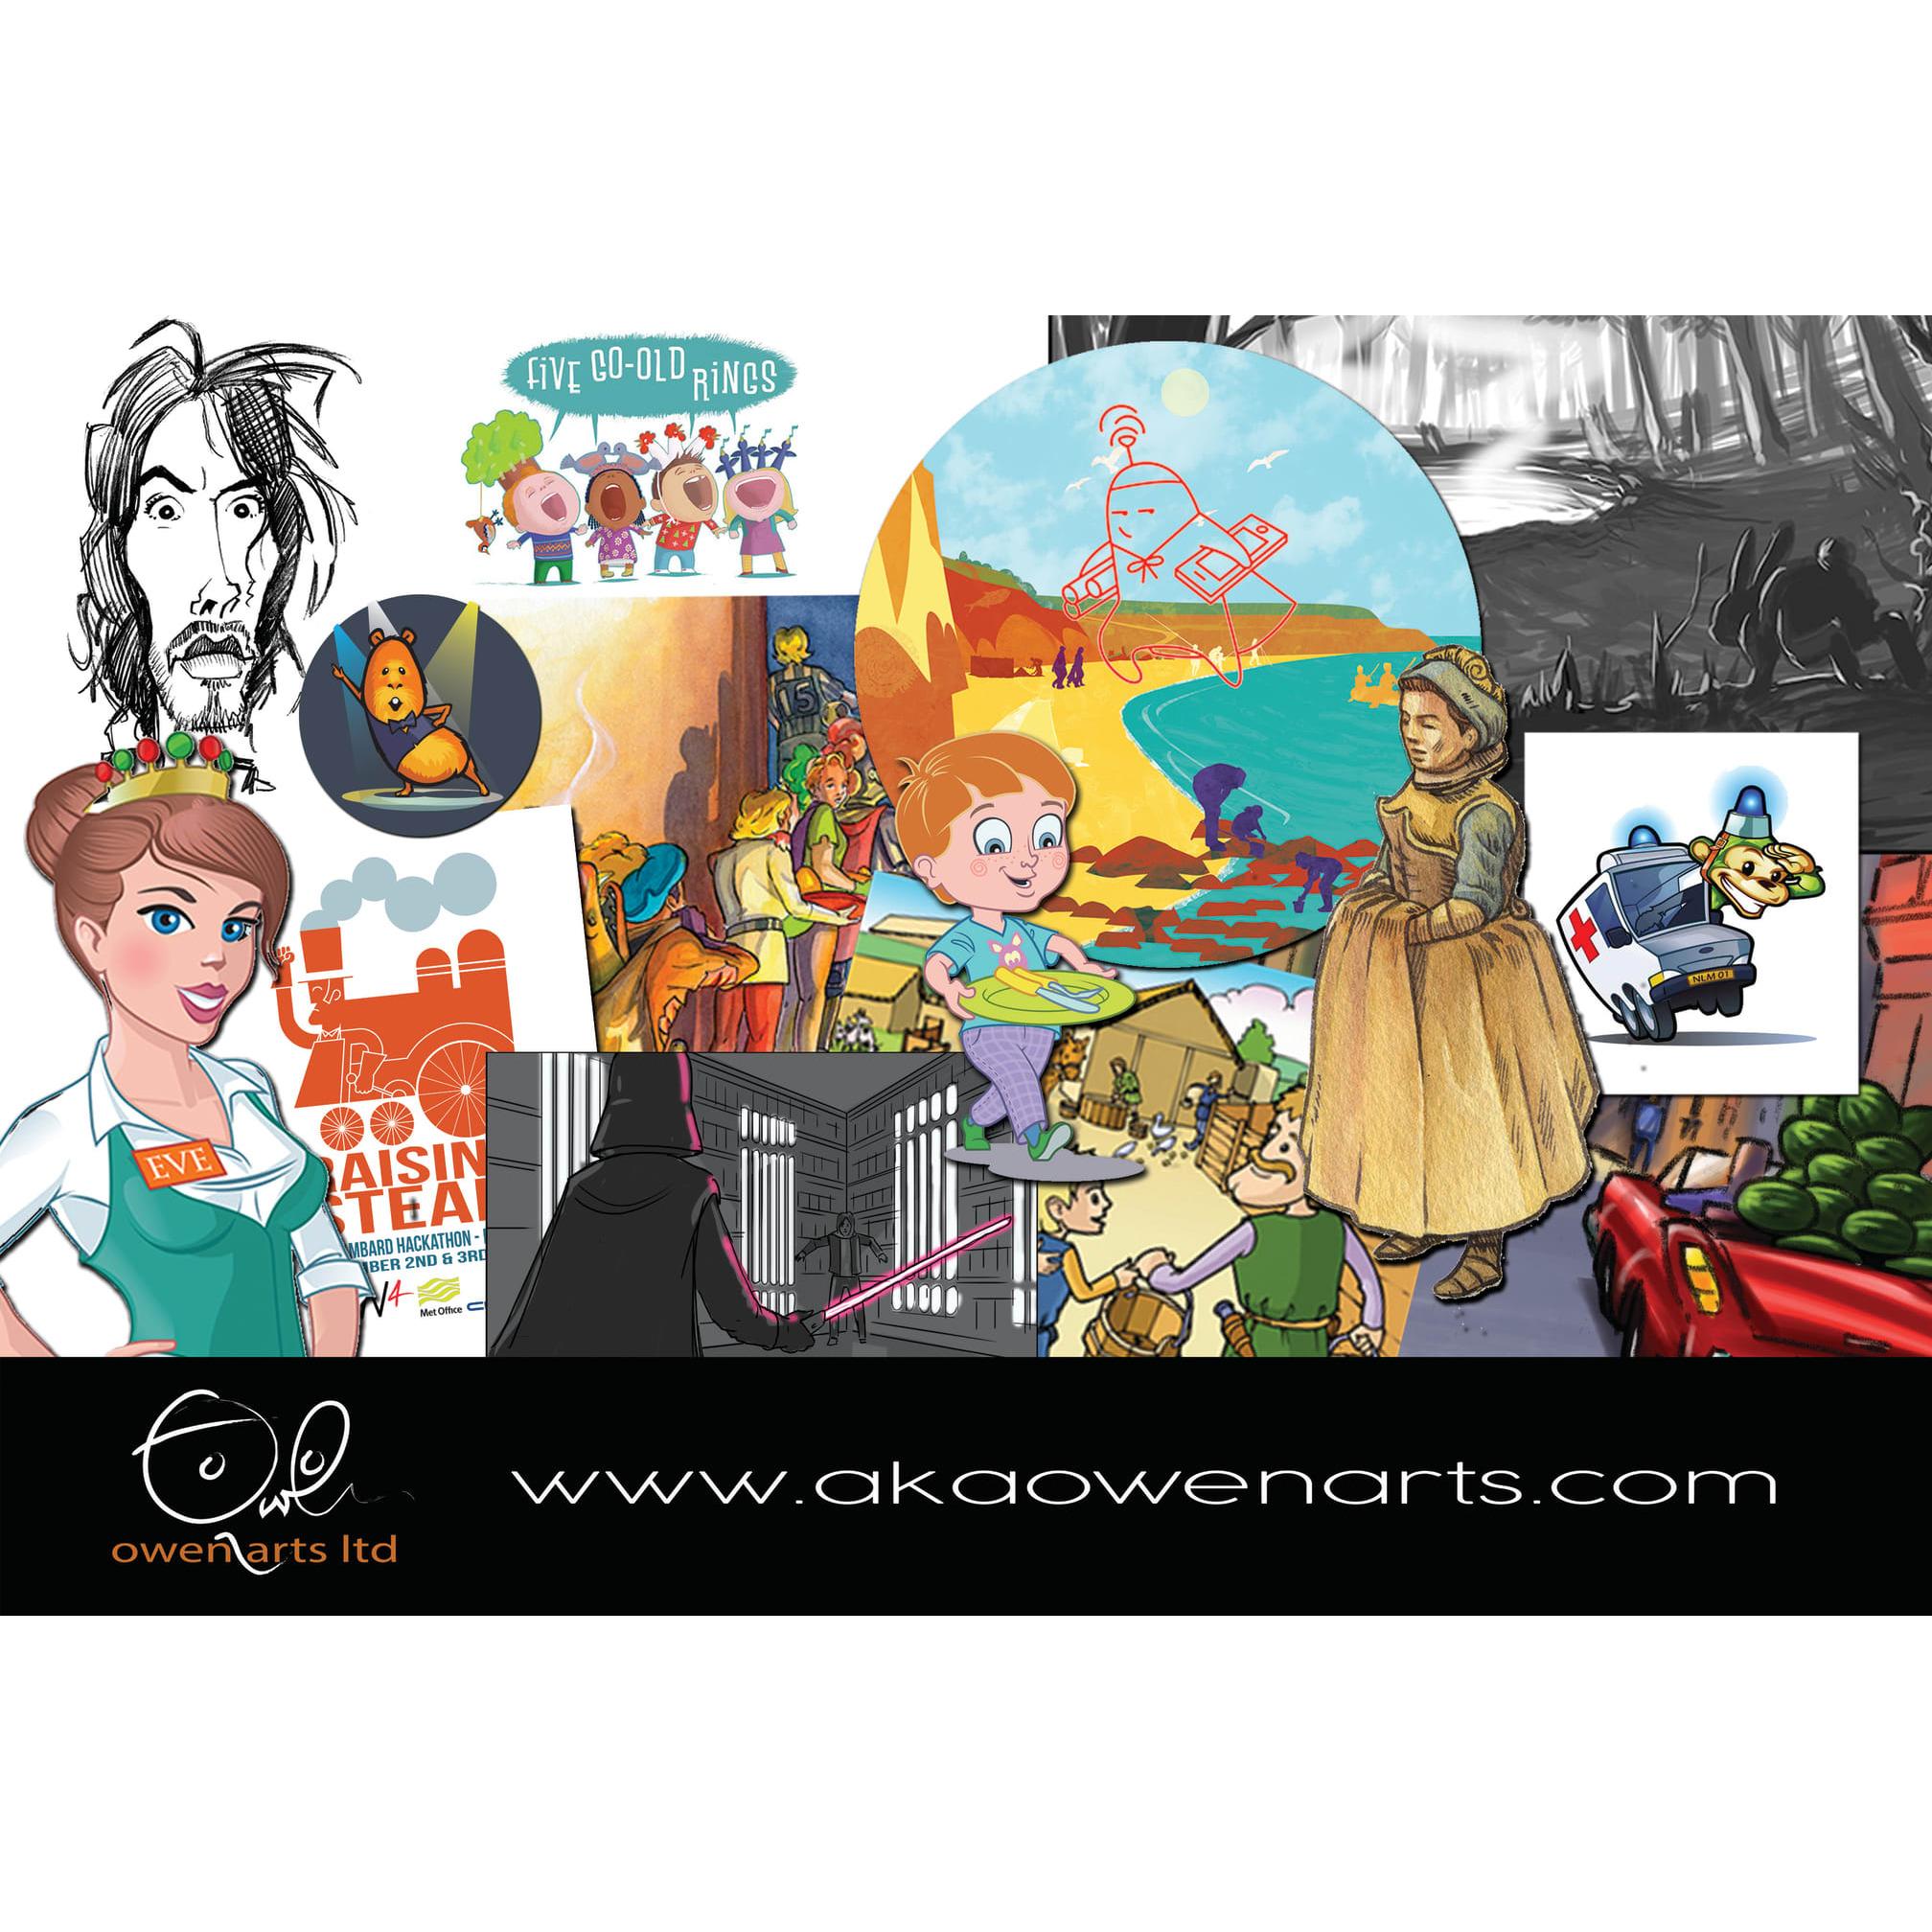 Owen Arts Ltd